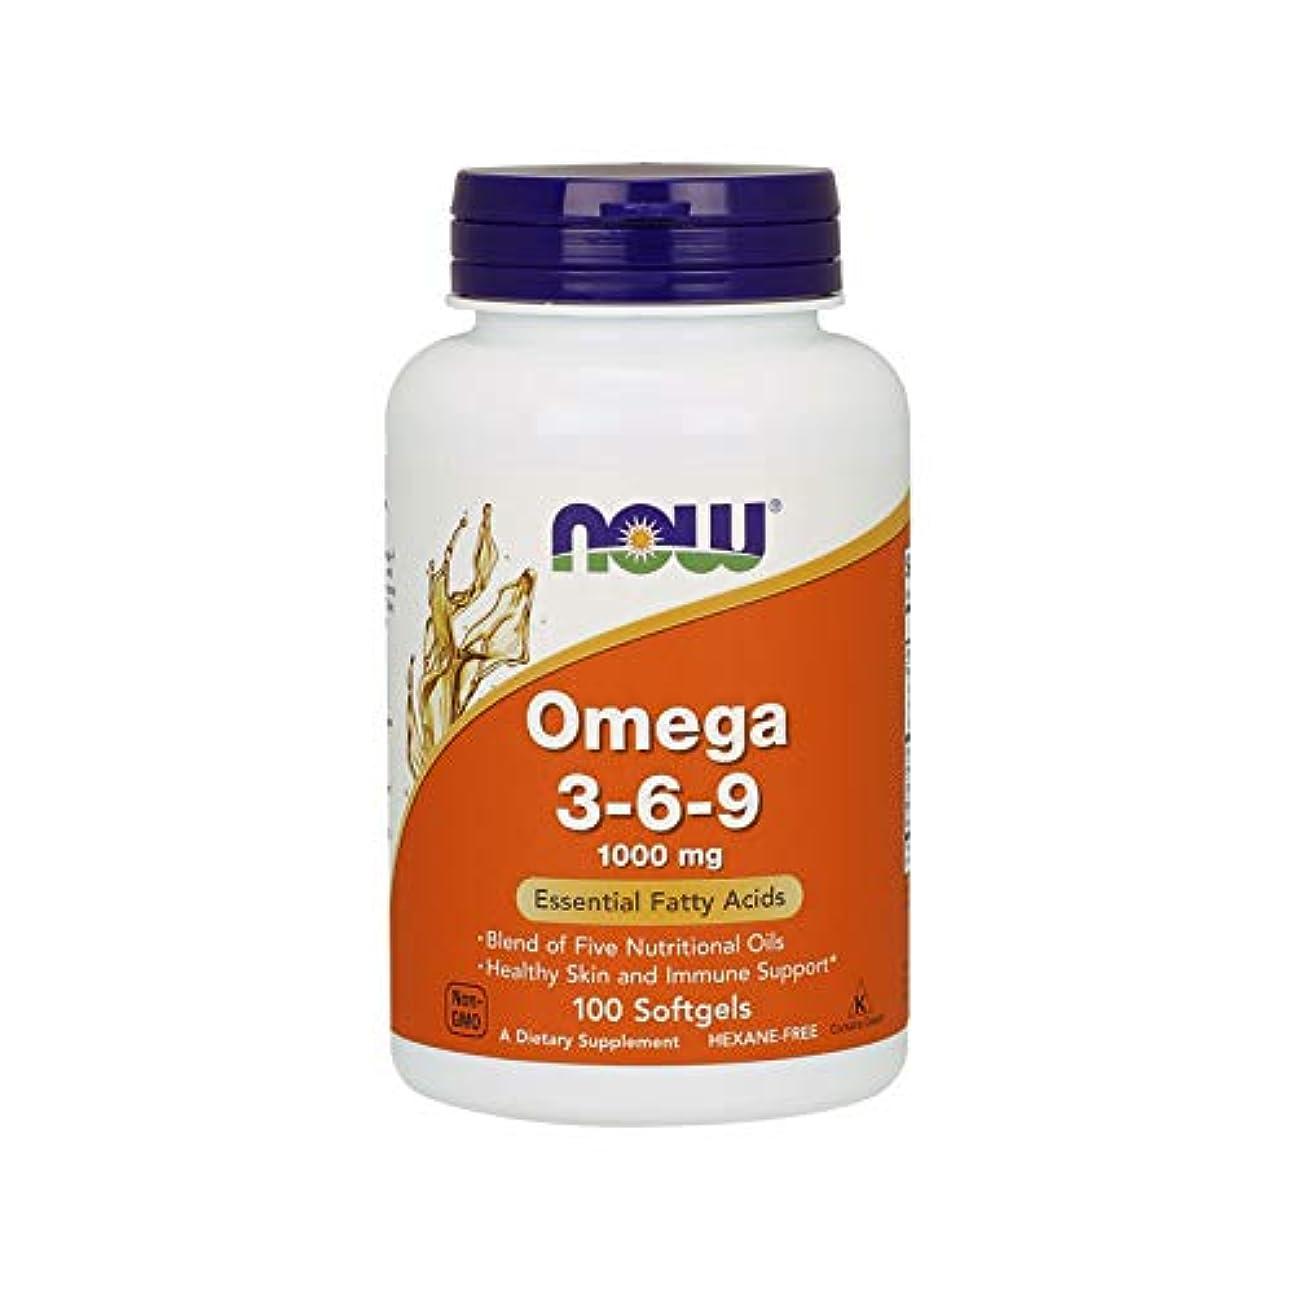 味書道フラフープ[海外直送品] ナウフーズ 植物性オメガ3?6?9脂肪酸 1000mg(必須脂肪酸ミックス)